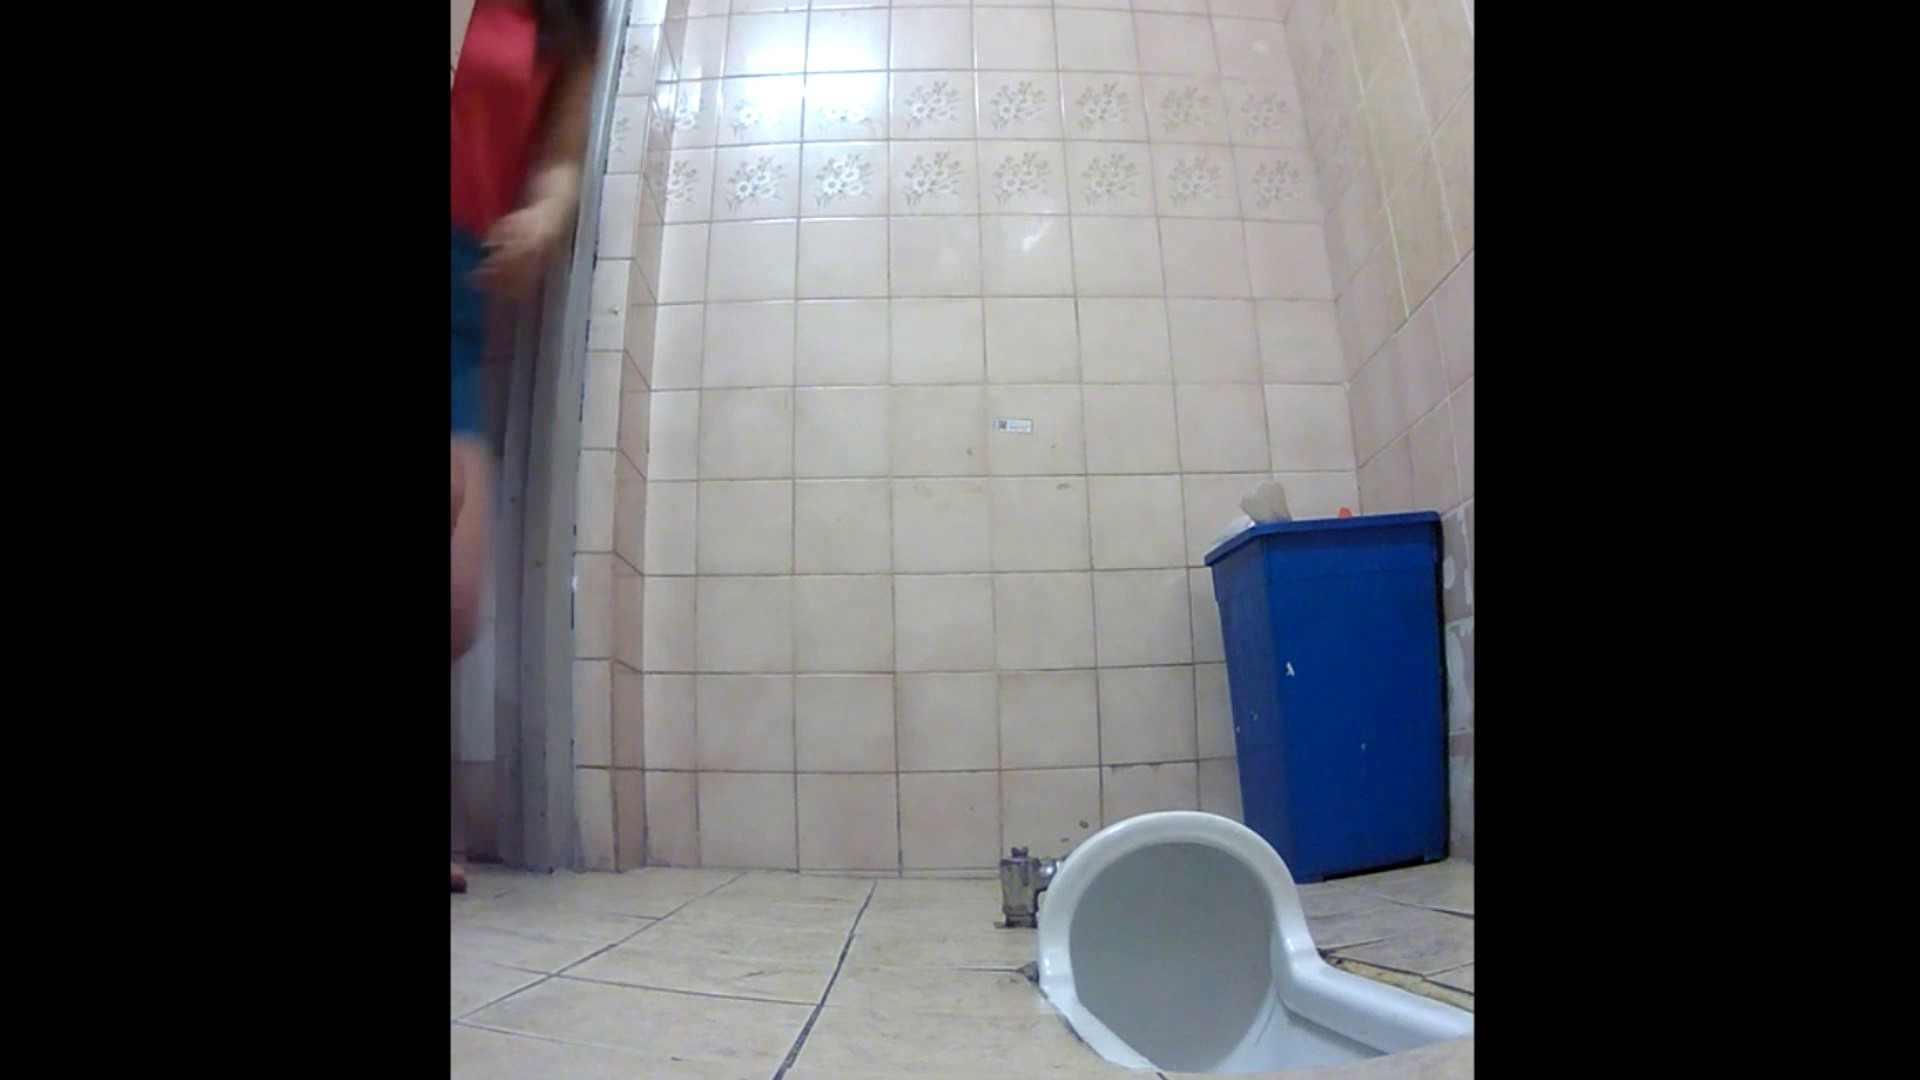 潜入!!韓国秘密のトイレ!Vol.06 女子トイレ 盗撮AV動画キャプチャ 66画像 59